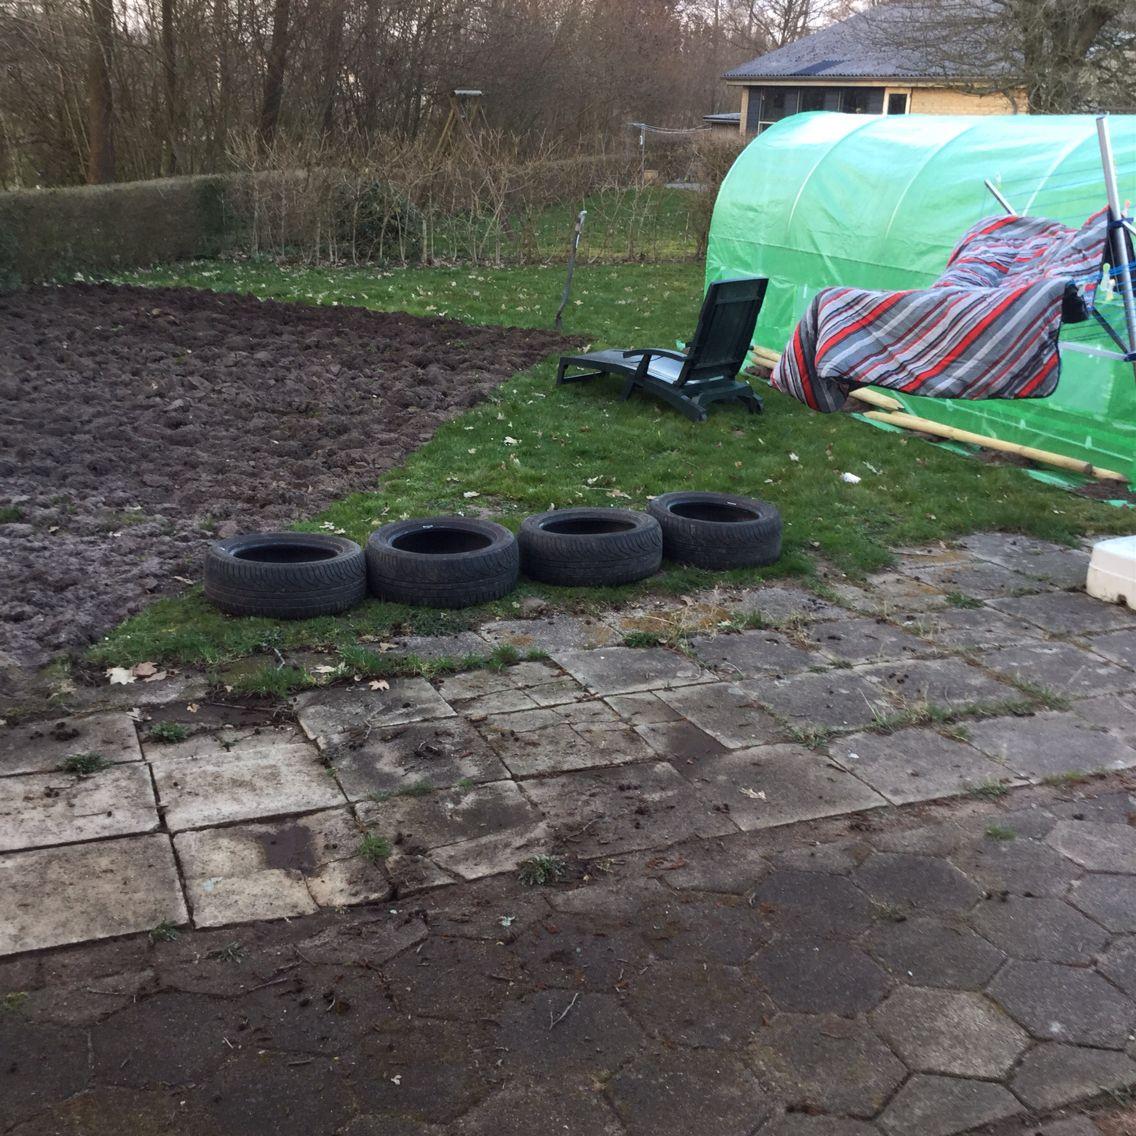 Så er vi kommet et stykke længere i haven og poly tunnelen er sat op. Nu jan vi begynde at så og plante i haven.  Der skal forspires squash og græskar til haven. Kartoflerne er klar til at komme i jorden allerede. Håber vejret arter sig.